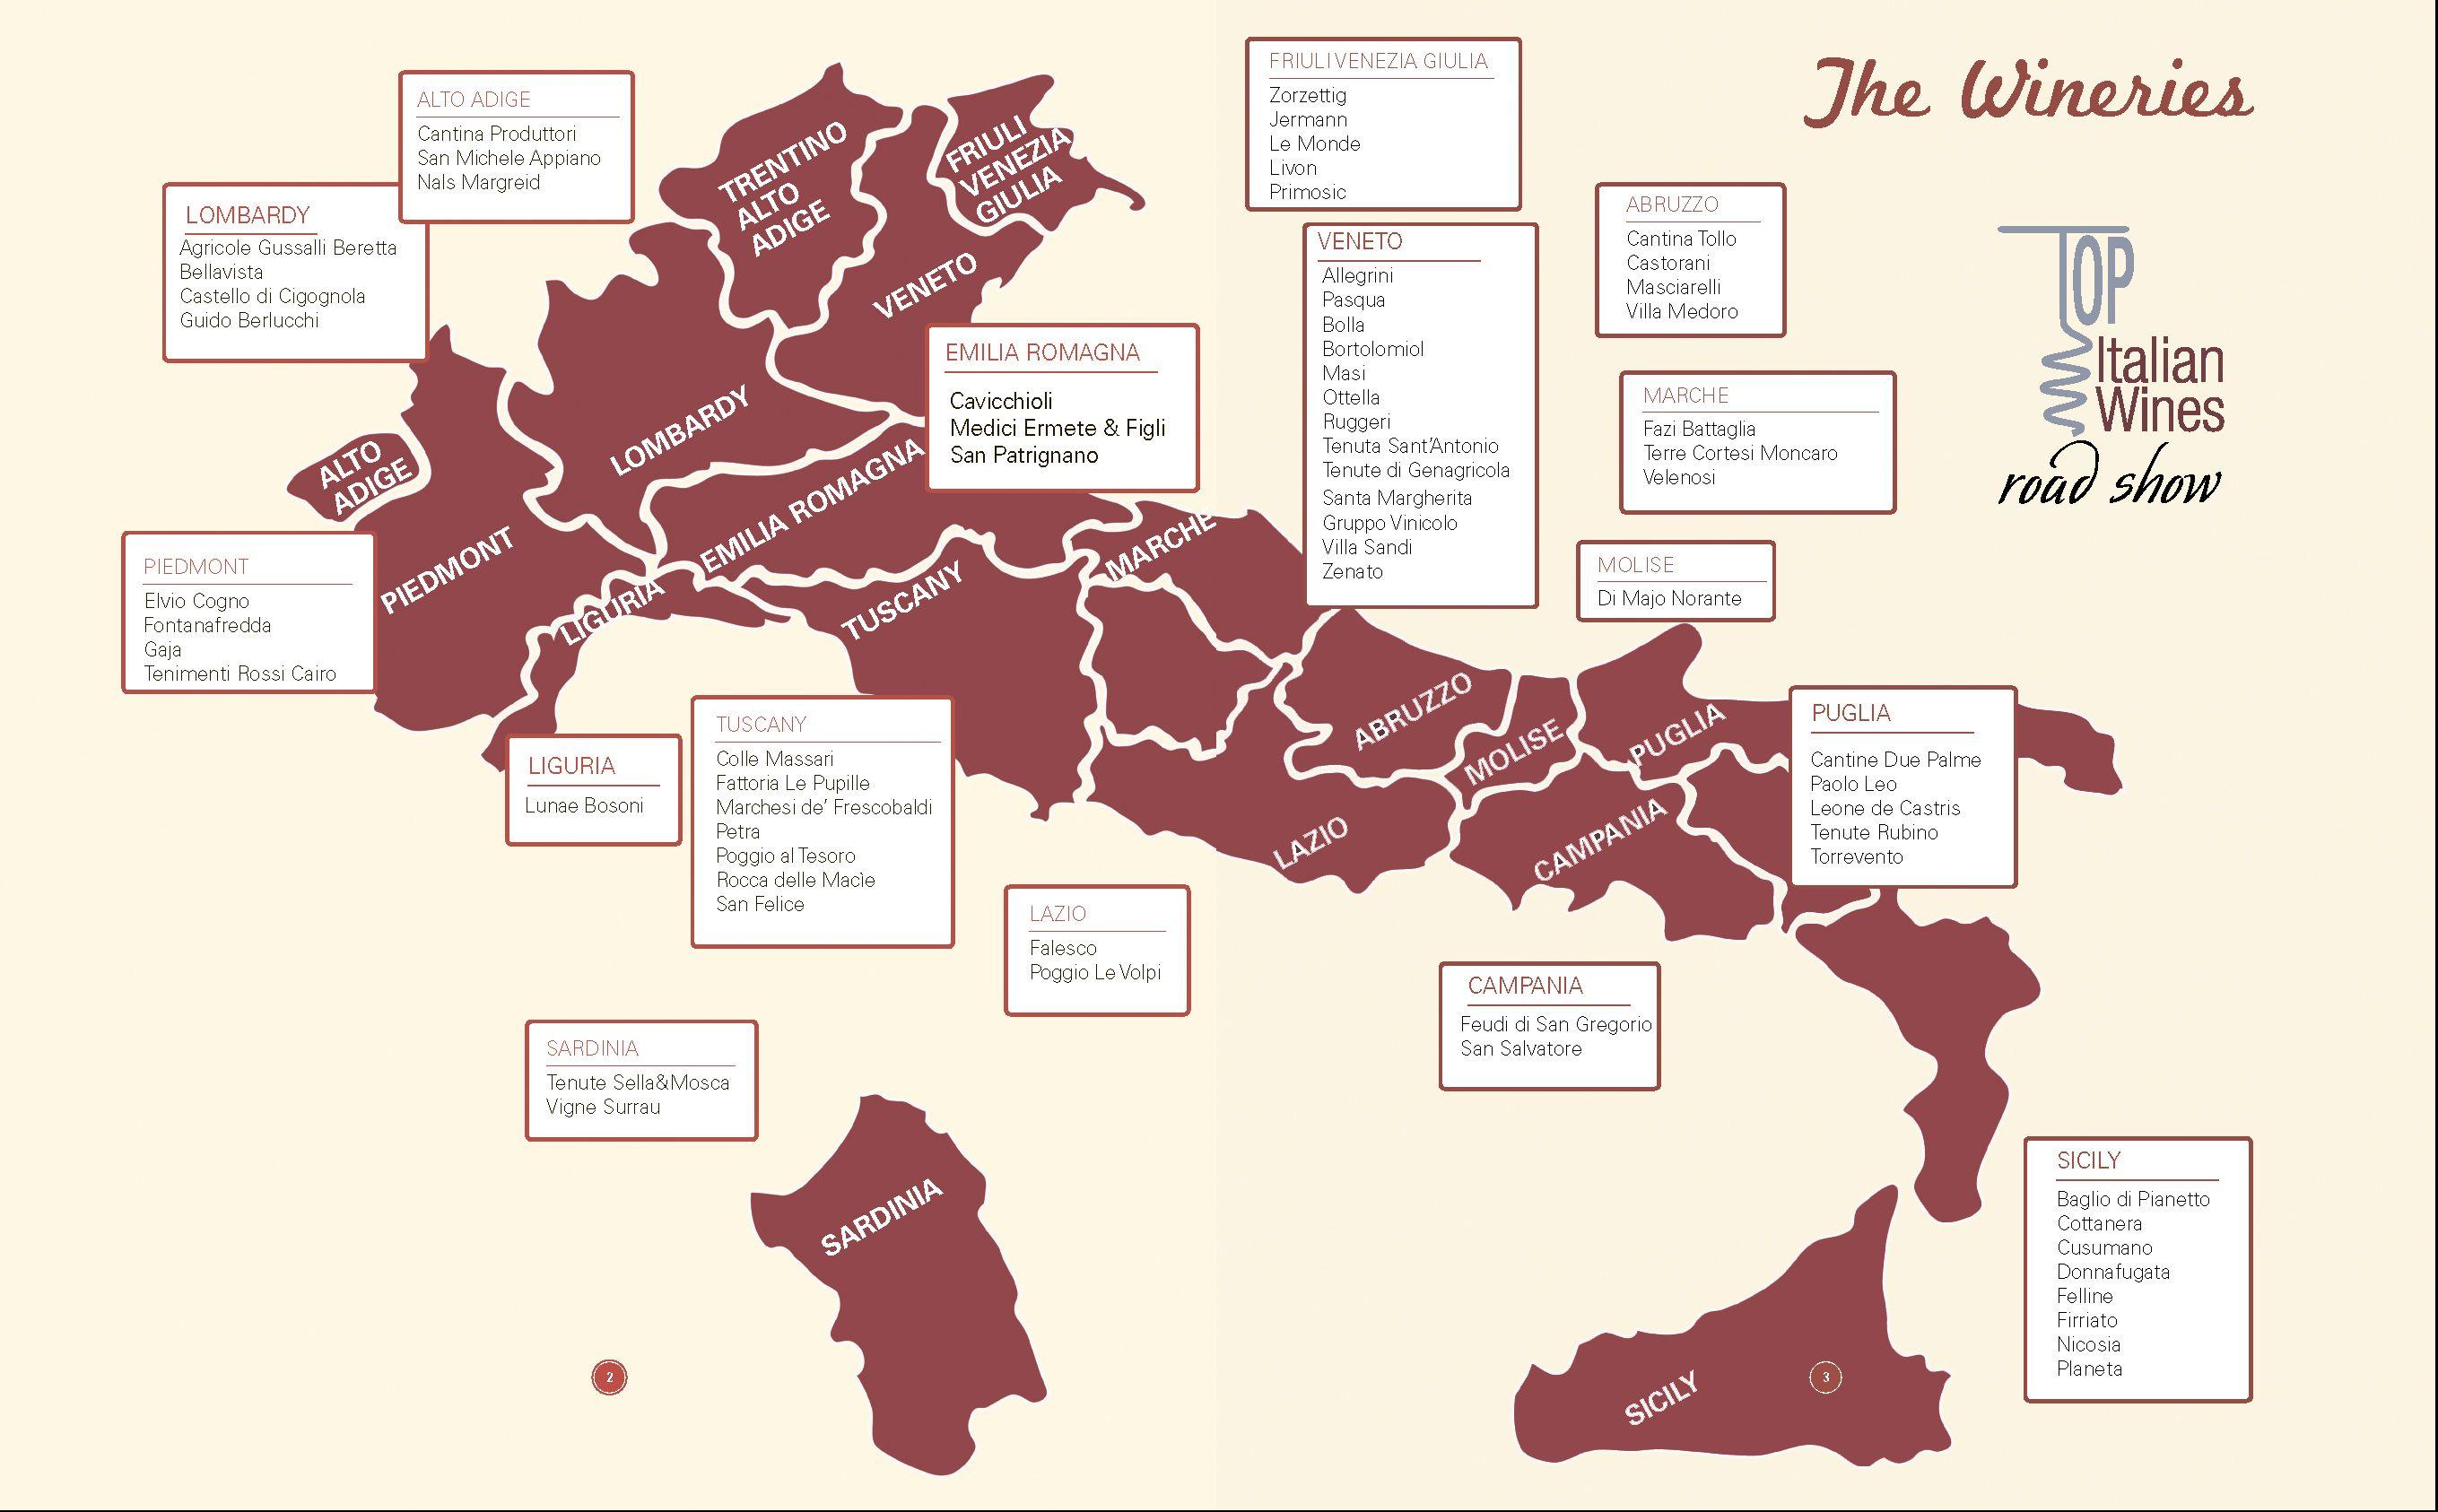 Top Italian Wines Road Show